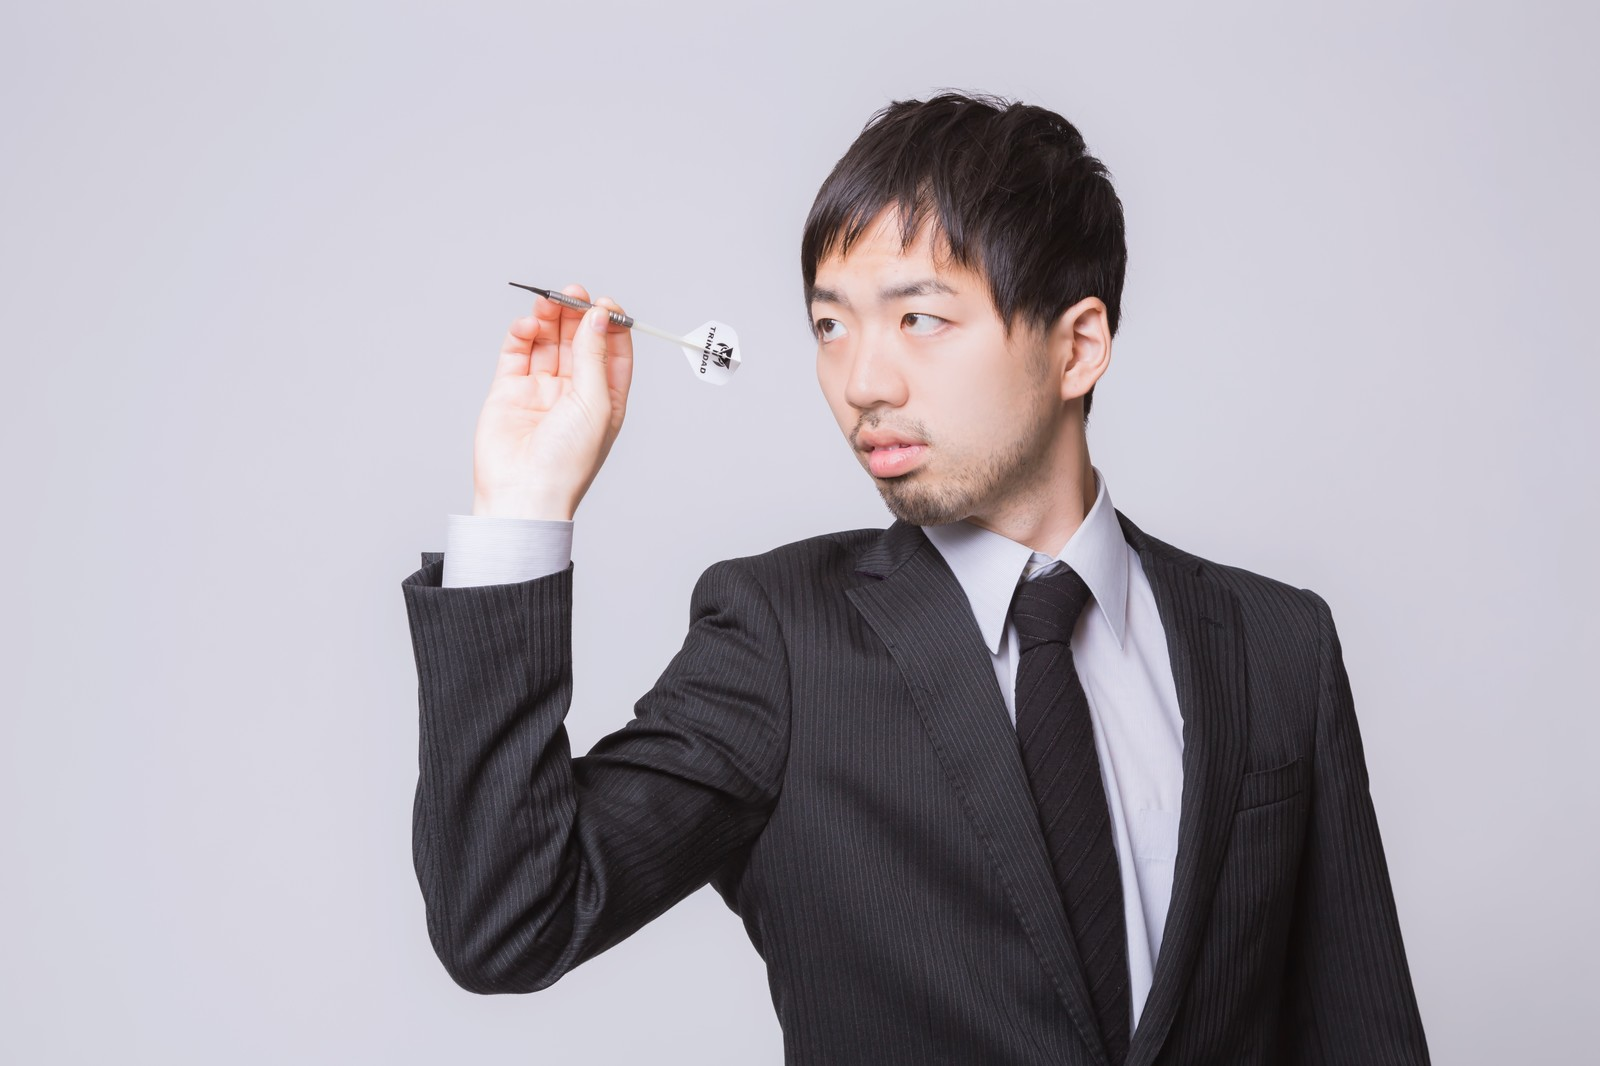 「ダーツをするスーツ姿の男性」の写真[モデル:ひろゆき]